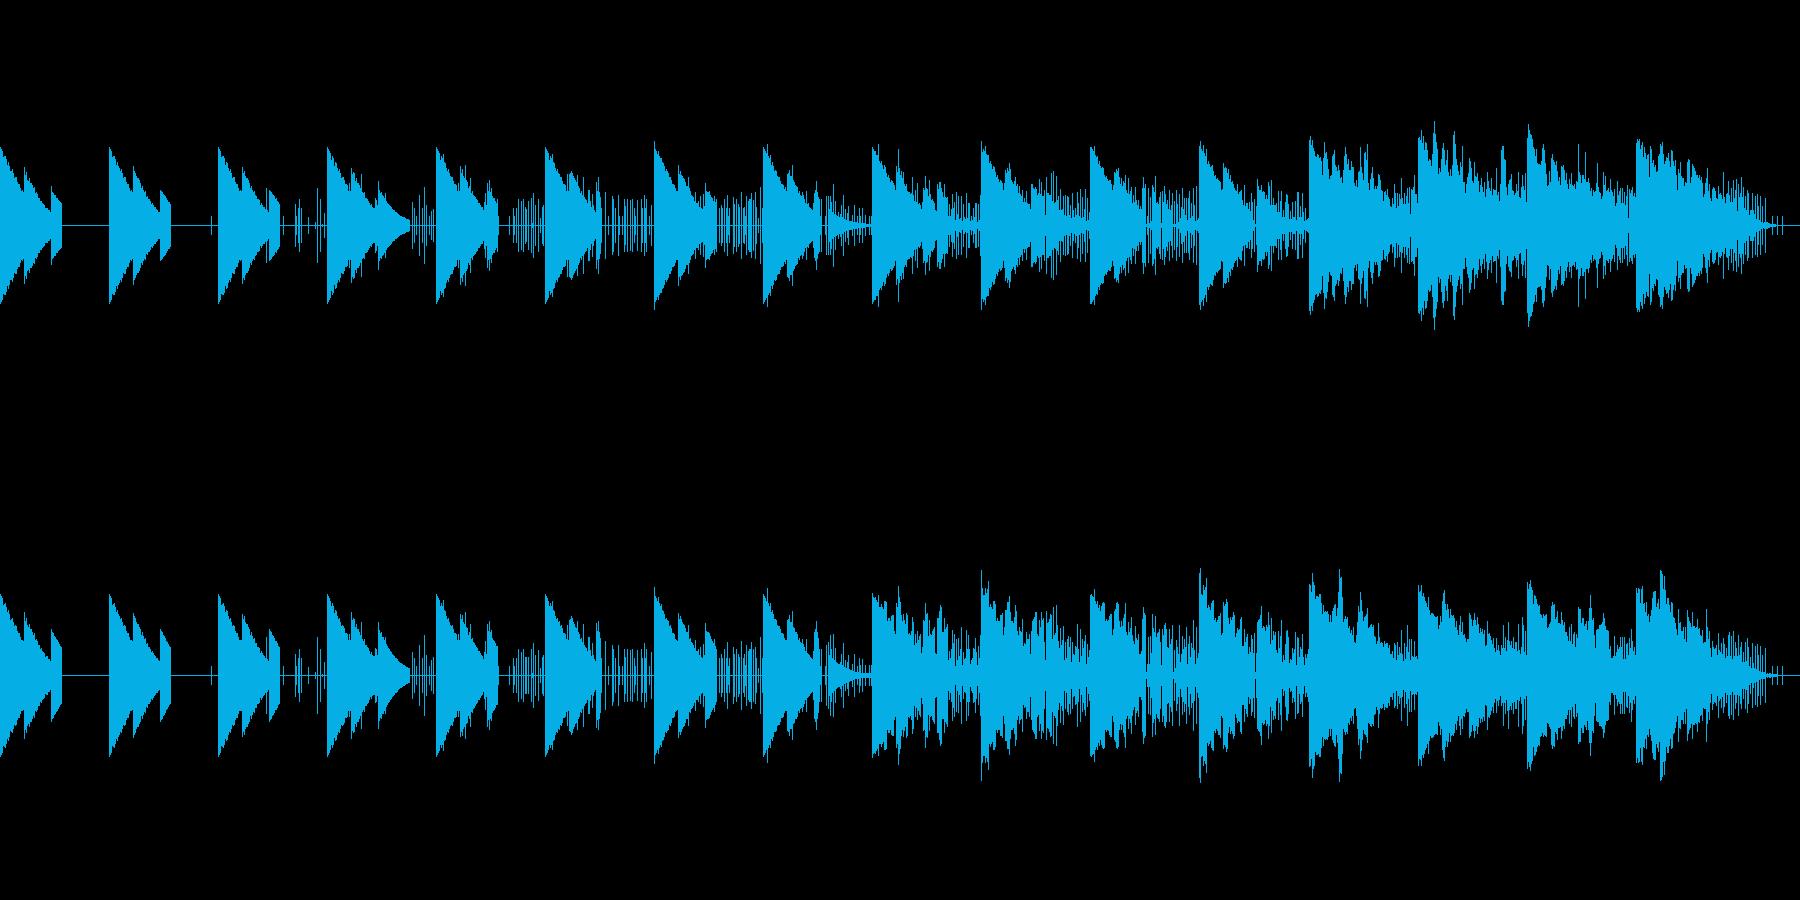 静かな海のBGMの再生済みの波形